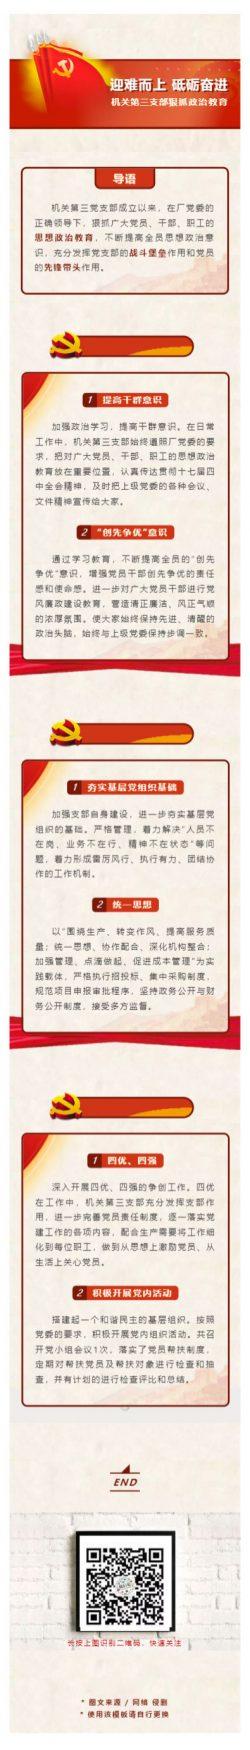 党政两会机关红色党政风格模板推文素材